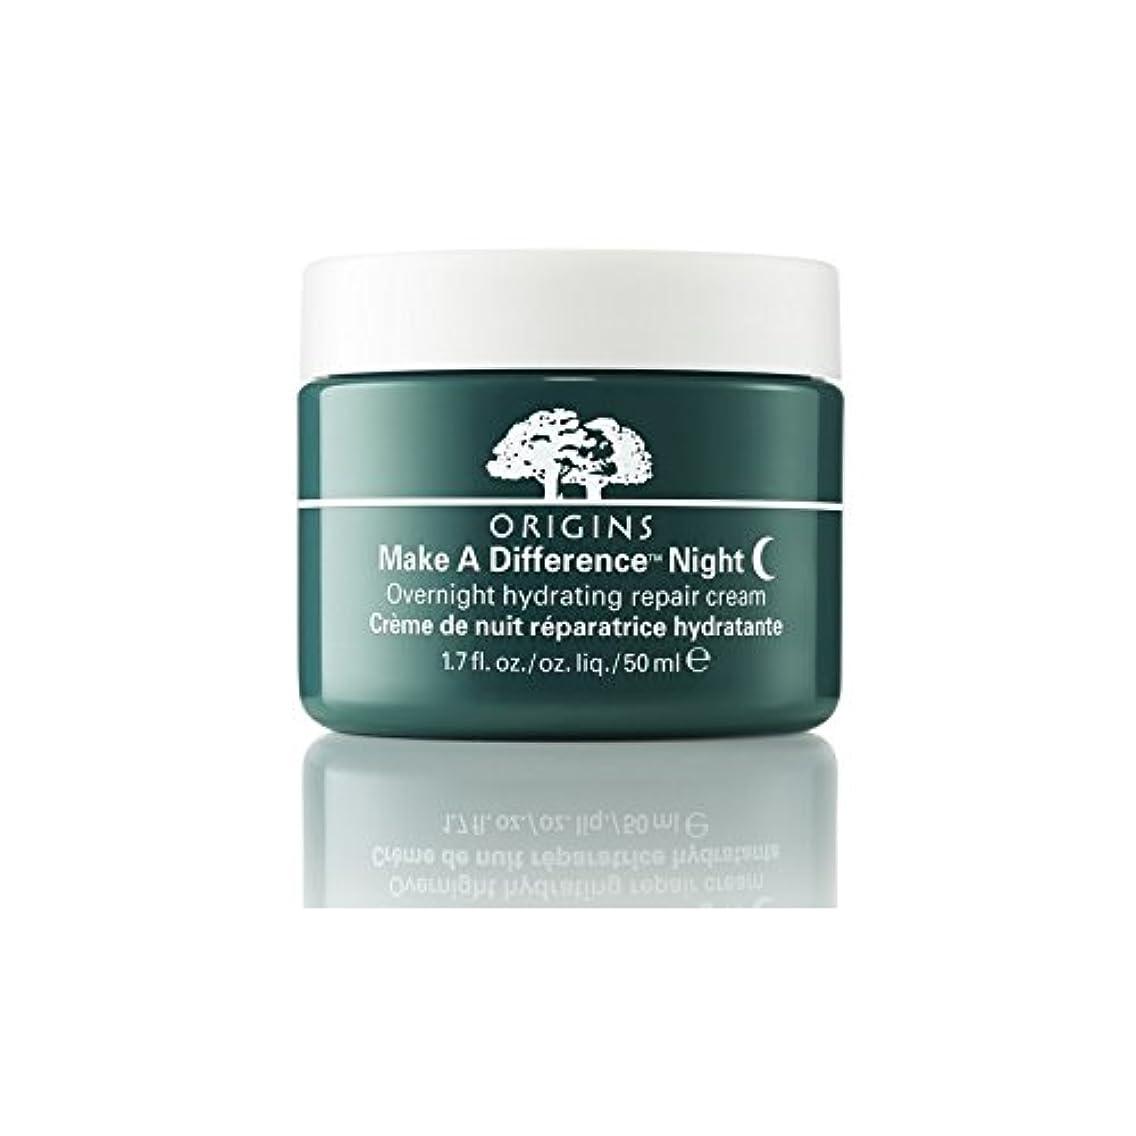 捧げるビーチ習慣Origins Make A Difference Overnight Hydrating Repair Cream 50ml (Pack of 6) - 起源は違い、一晩水和リペアクリーム50ミリリットルを作ります x6 [並行輸入品]